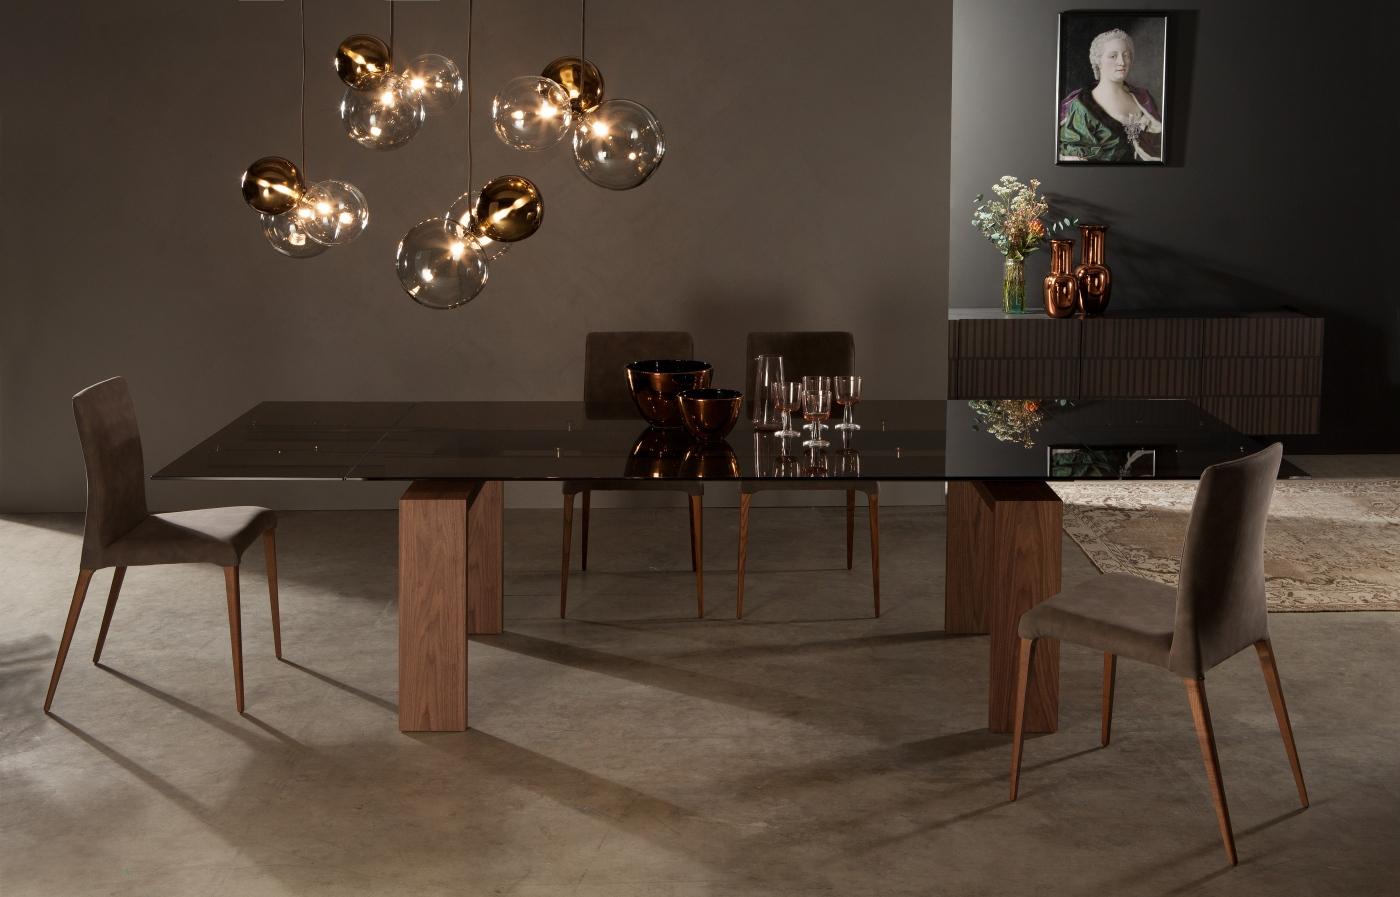 Tavolo Allungabile Vetro Moderno Brooklyn : Brooklyn tavolo in vetro fumè allungabile tavoli a